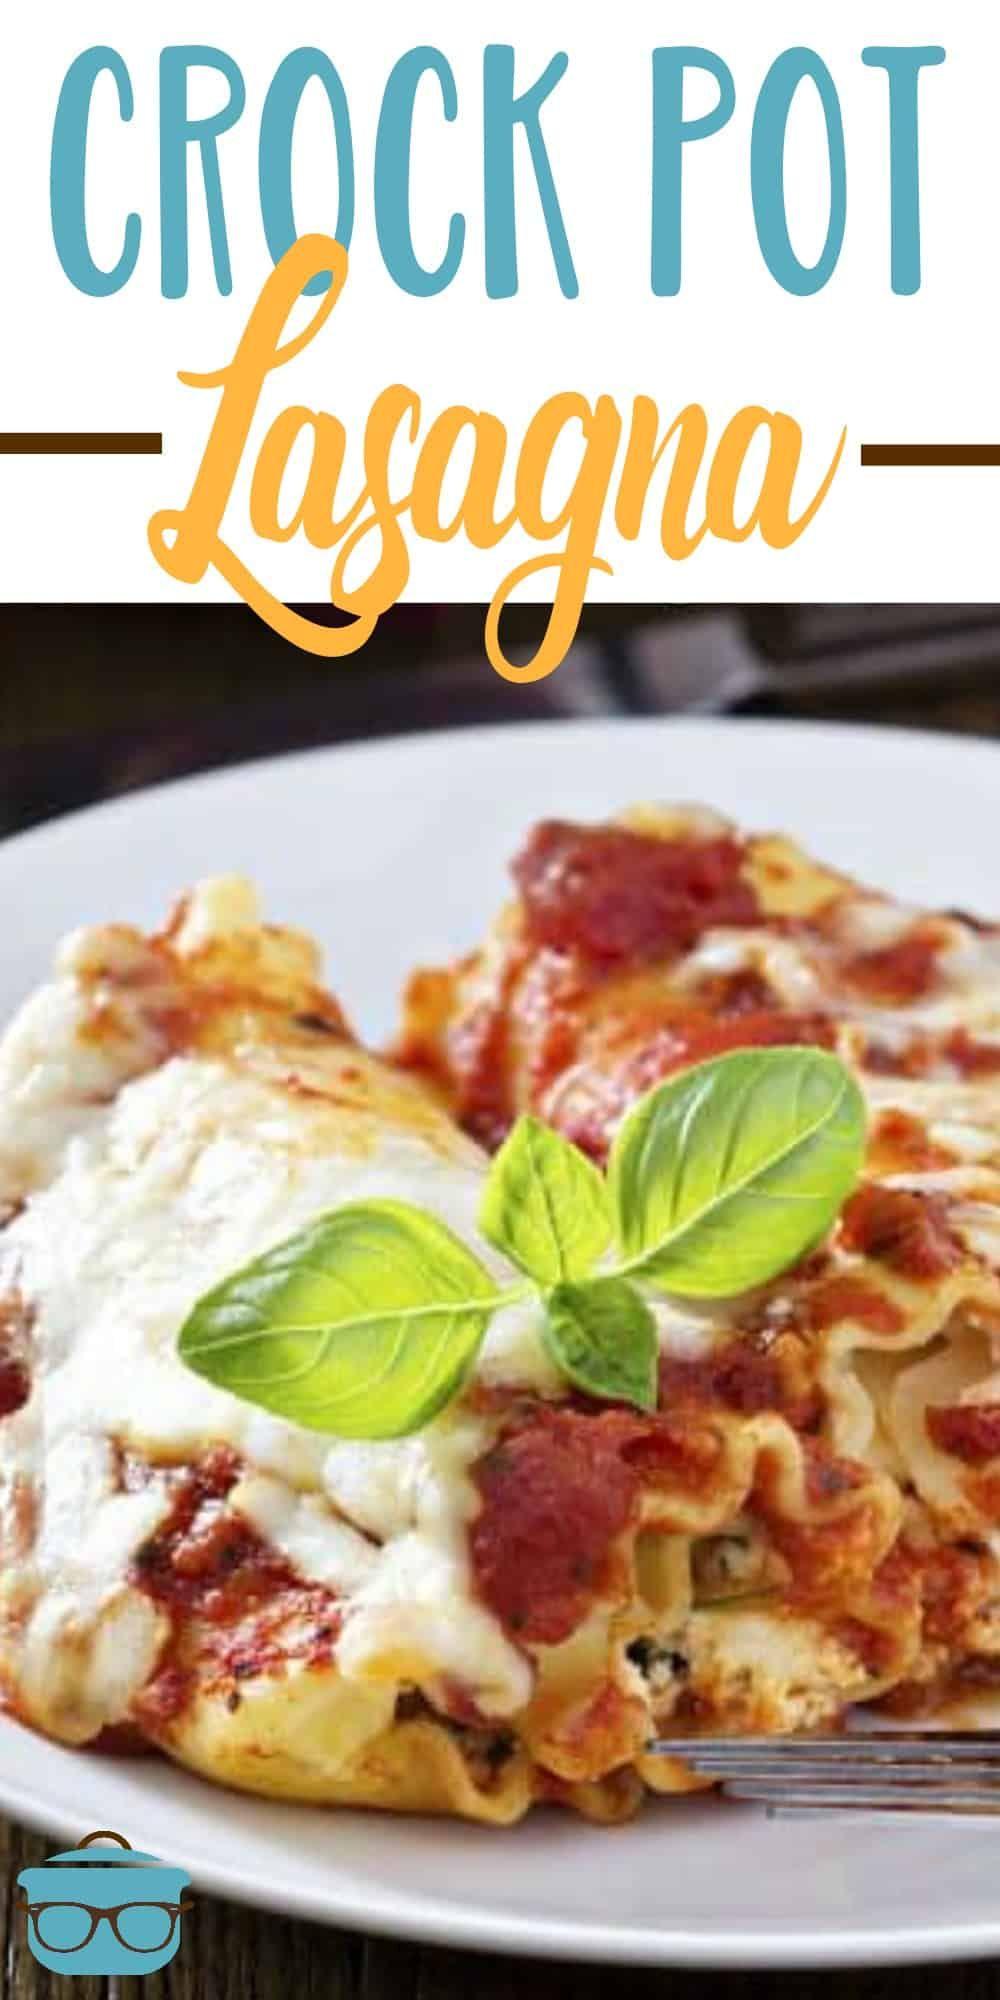 Crock pot lasagna images